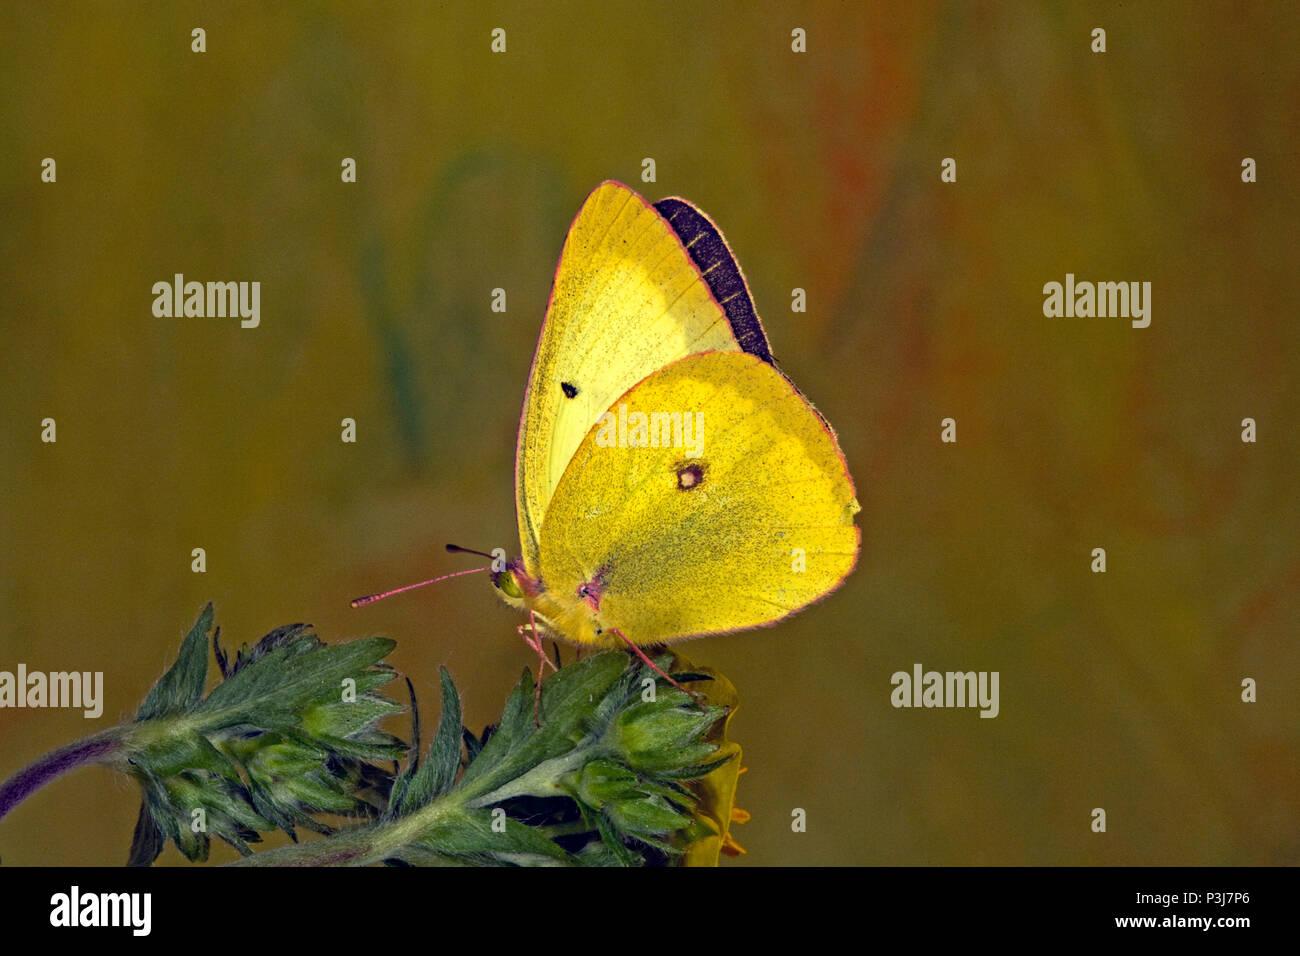 Retrato de un nublado, Colias philodice mariposas de azufre, preparando a beber el néctar de una flor silvestre en la cuenca Metolius en Cascade en Oregon Foto de stock